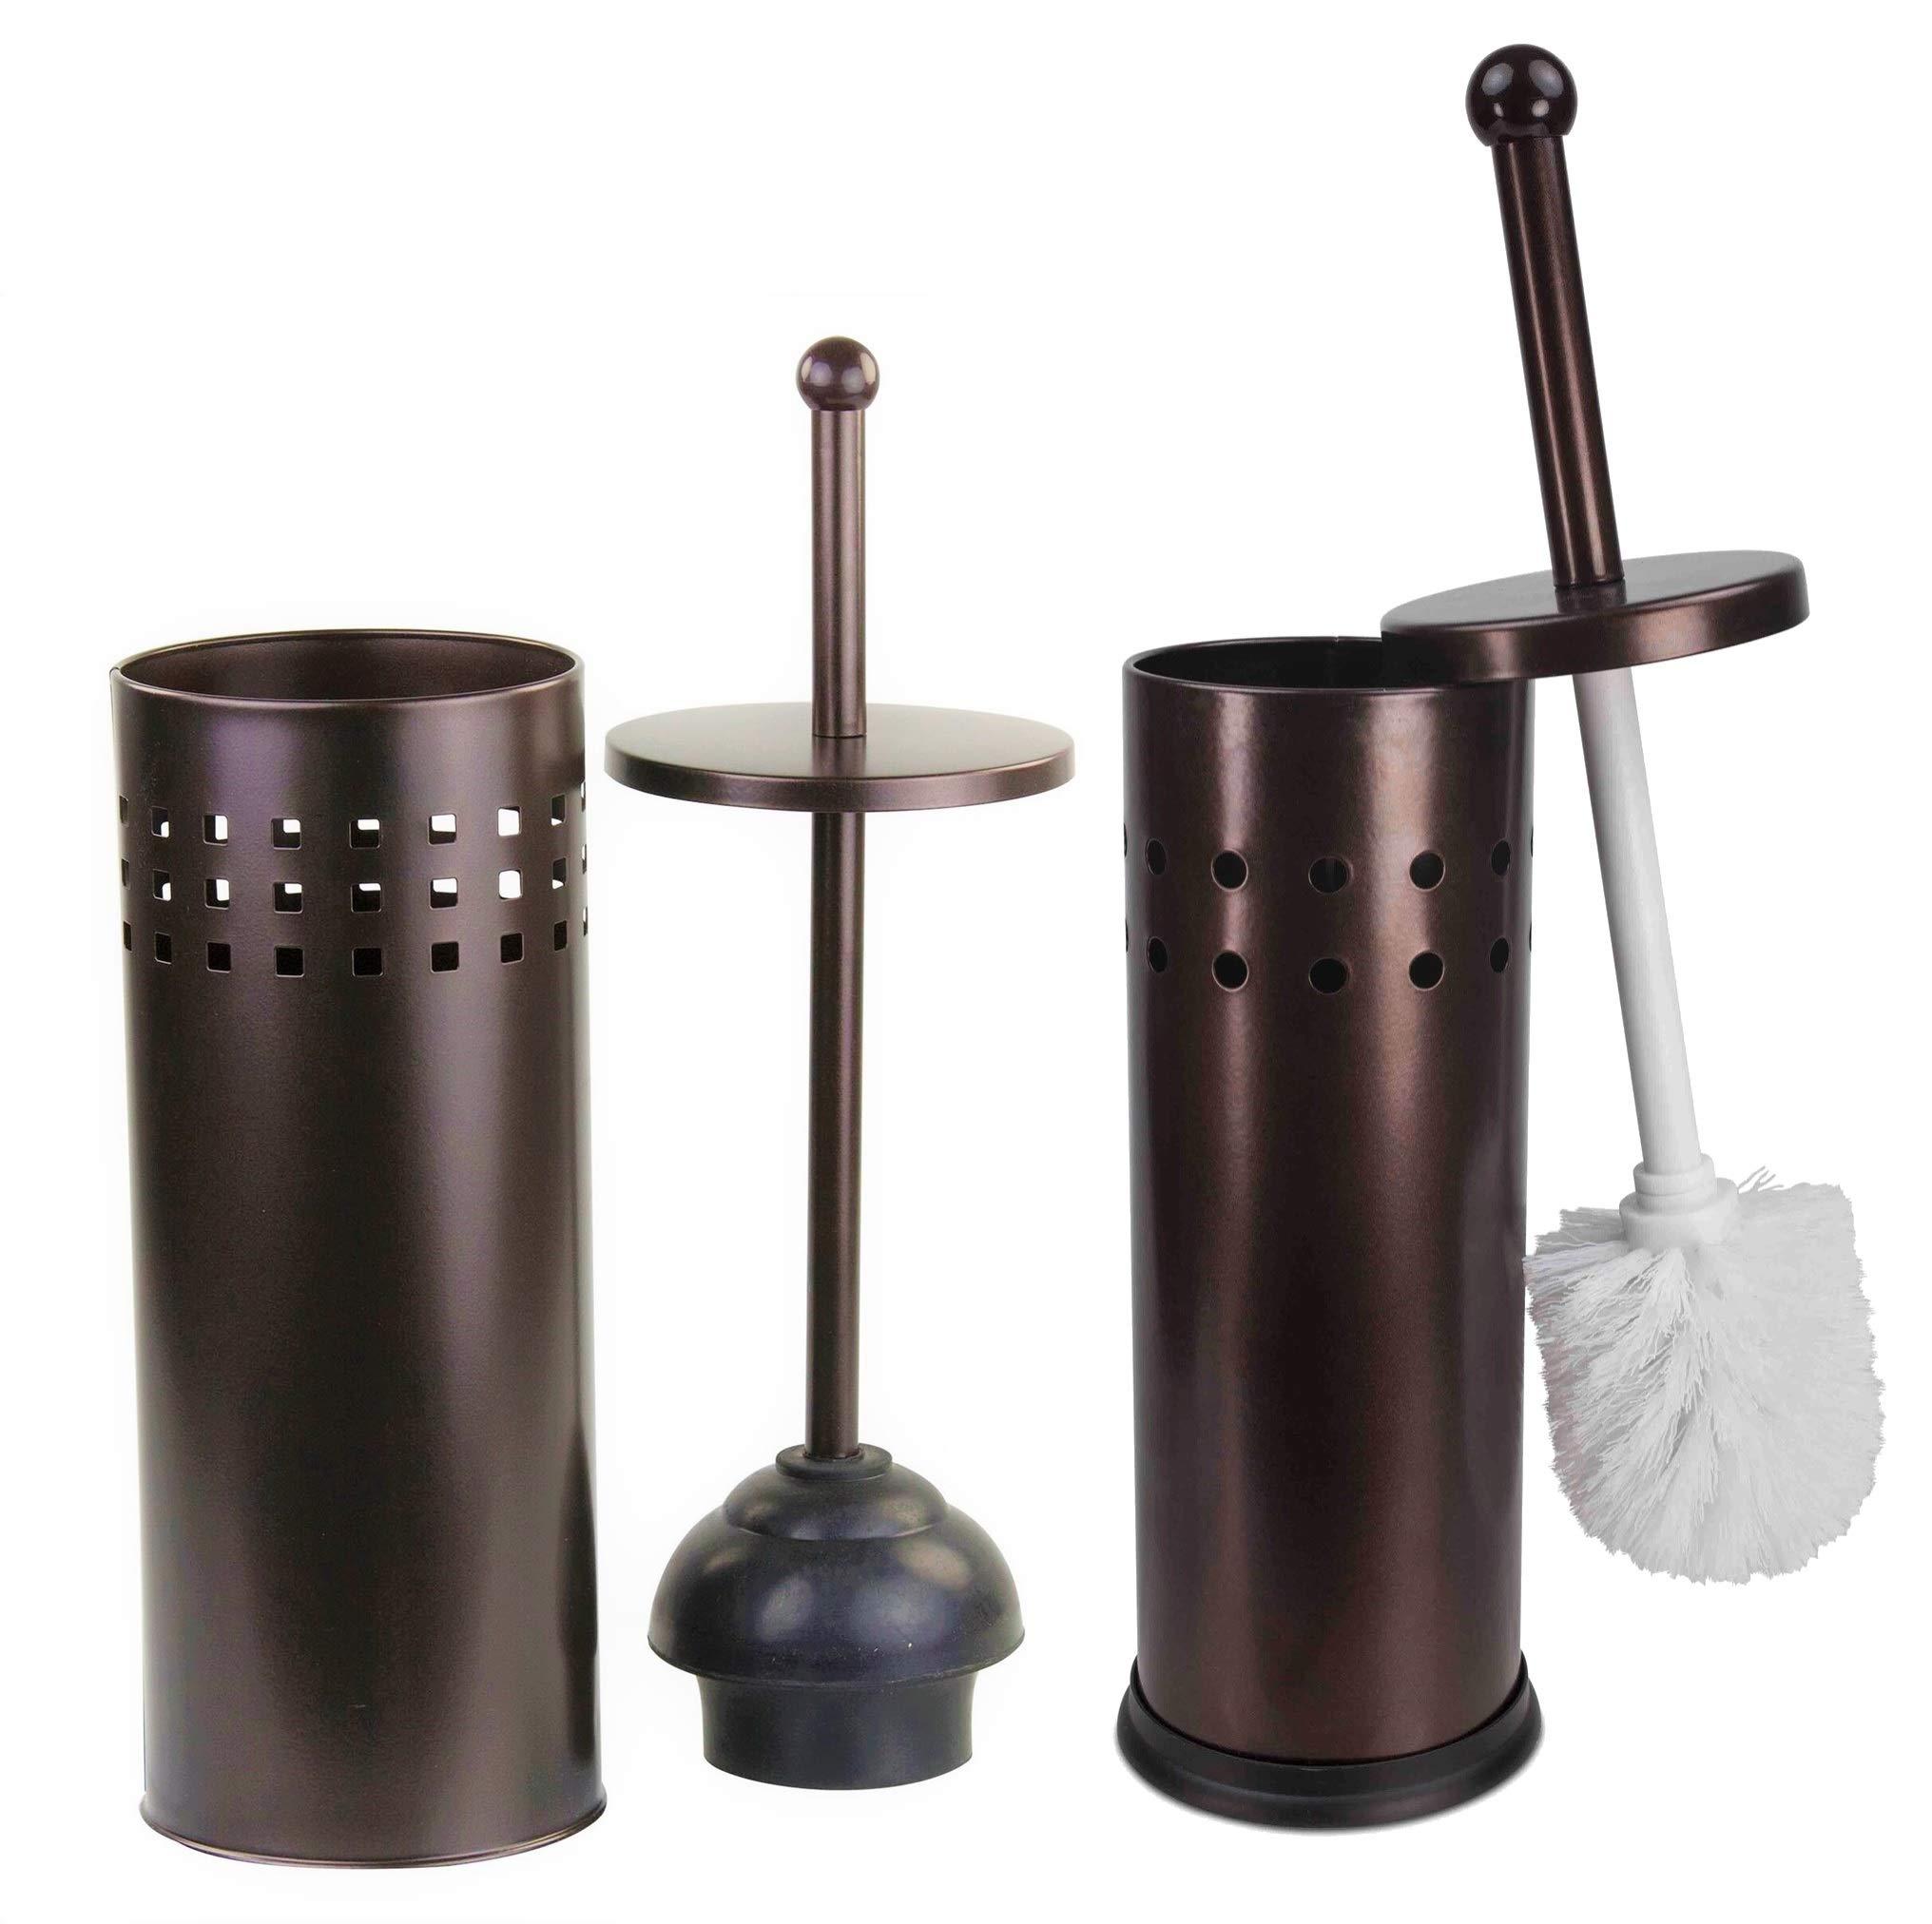 Elaine Karen Deluxe 2 pc Vented Toilet Bowl Brush, Plunger - 2 pc Set - Bronze